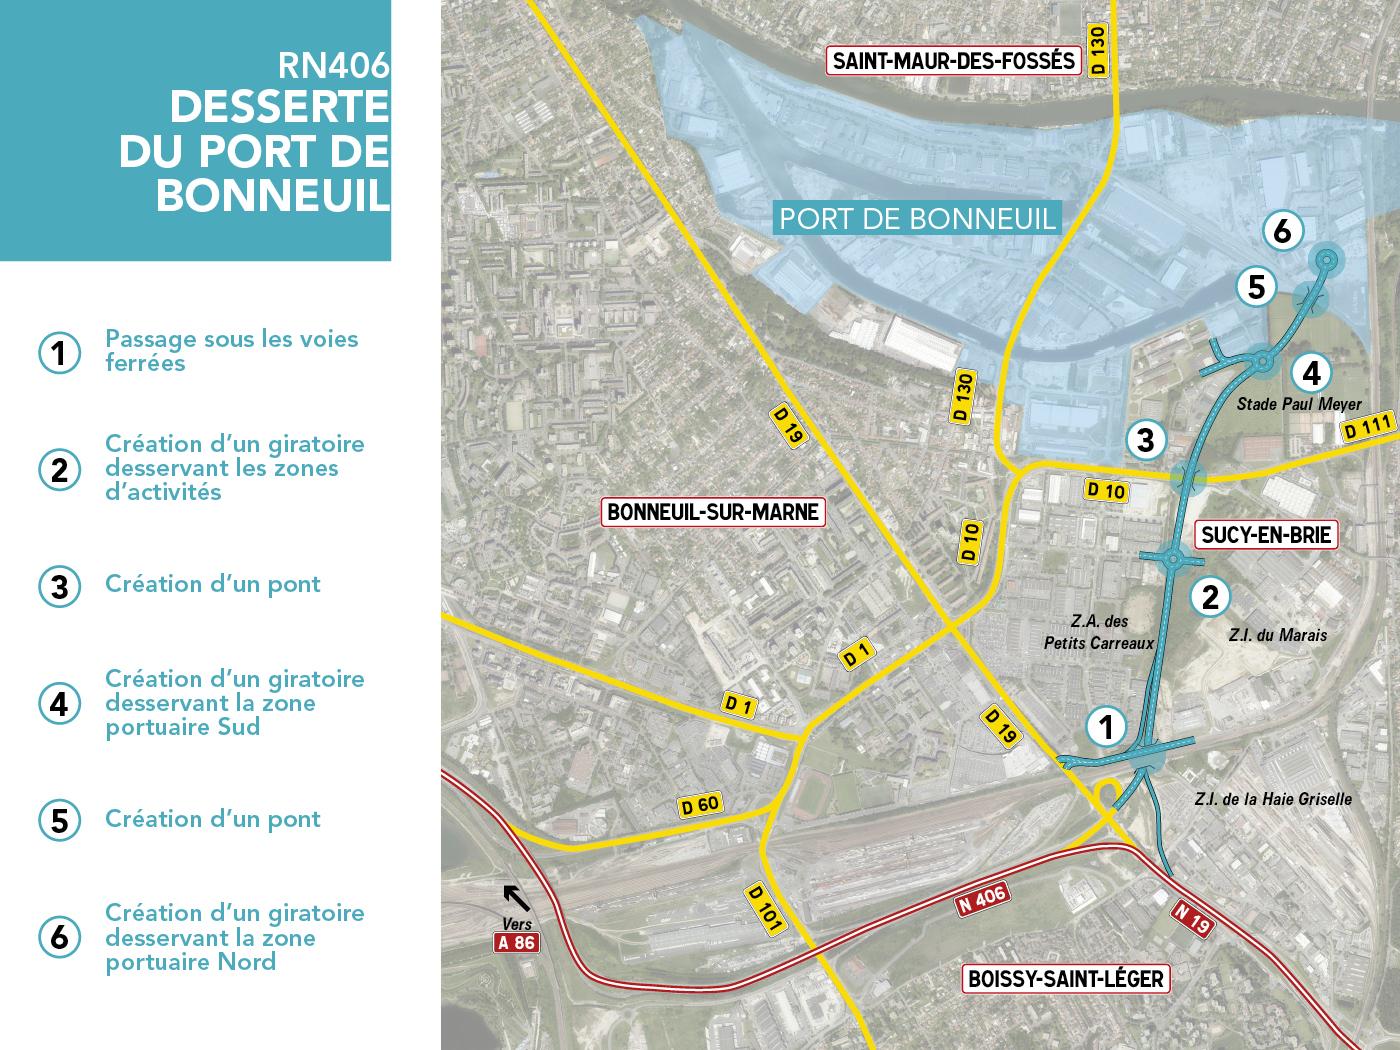 DiRIF_Desserte-port-Bonneuil_Carte-détaillée_juin-2016_L-1